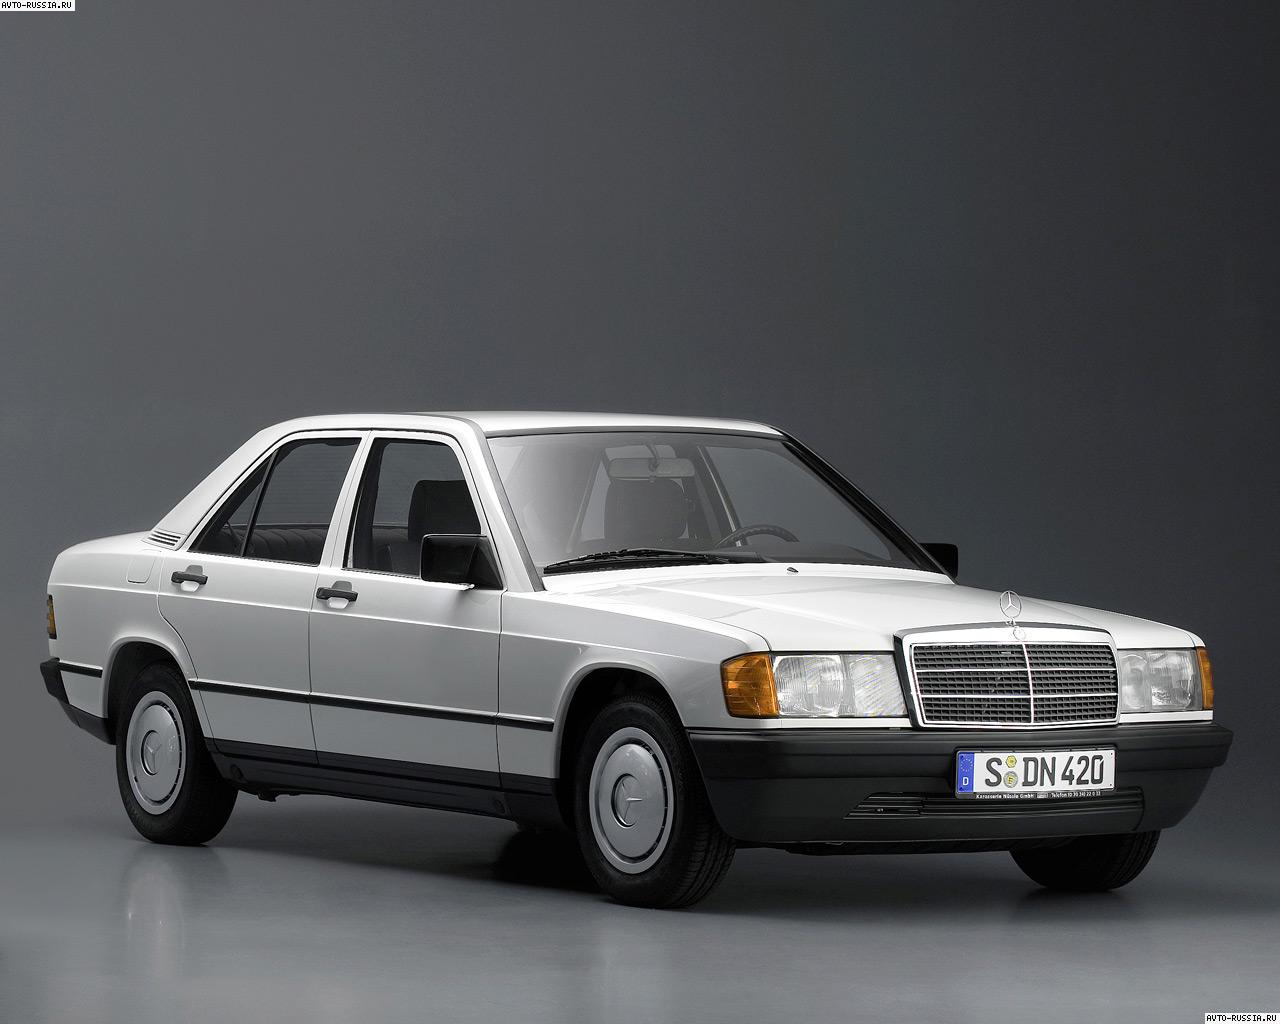 b Mercedes/b-Benz b 190/b (b W201/b) .